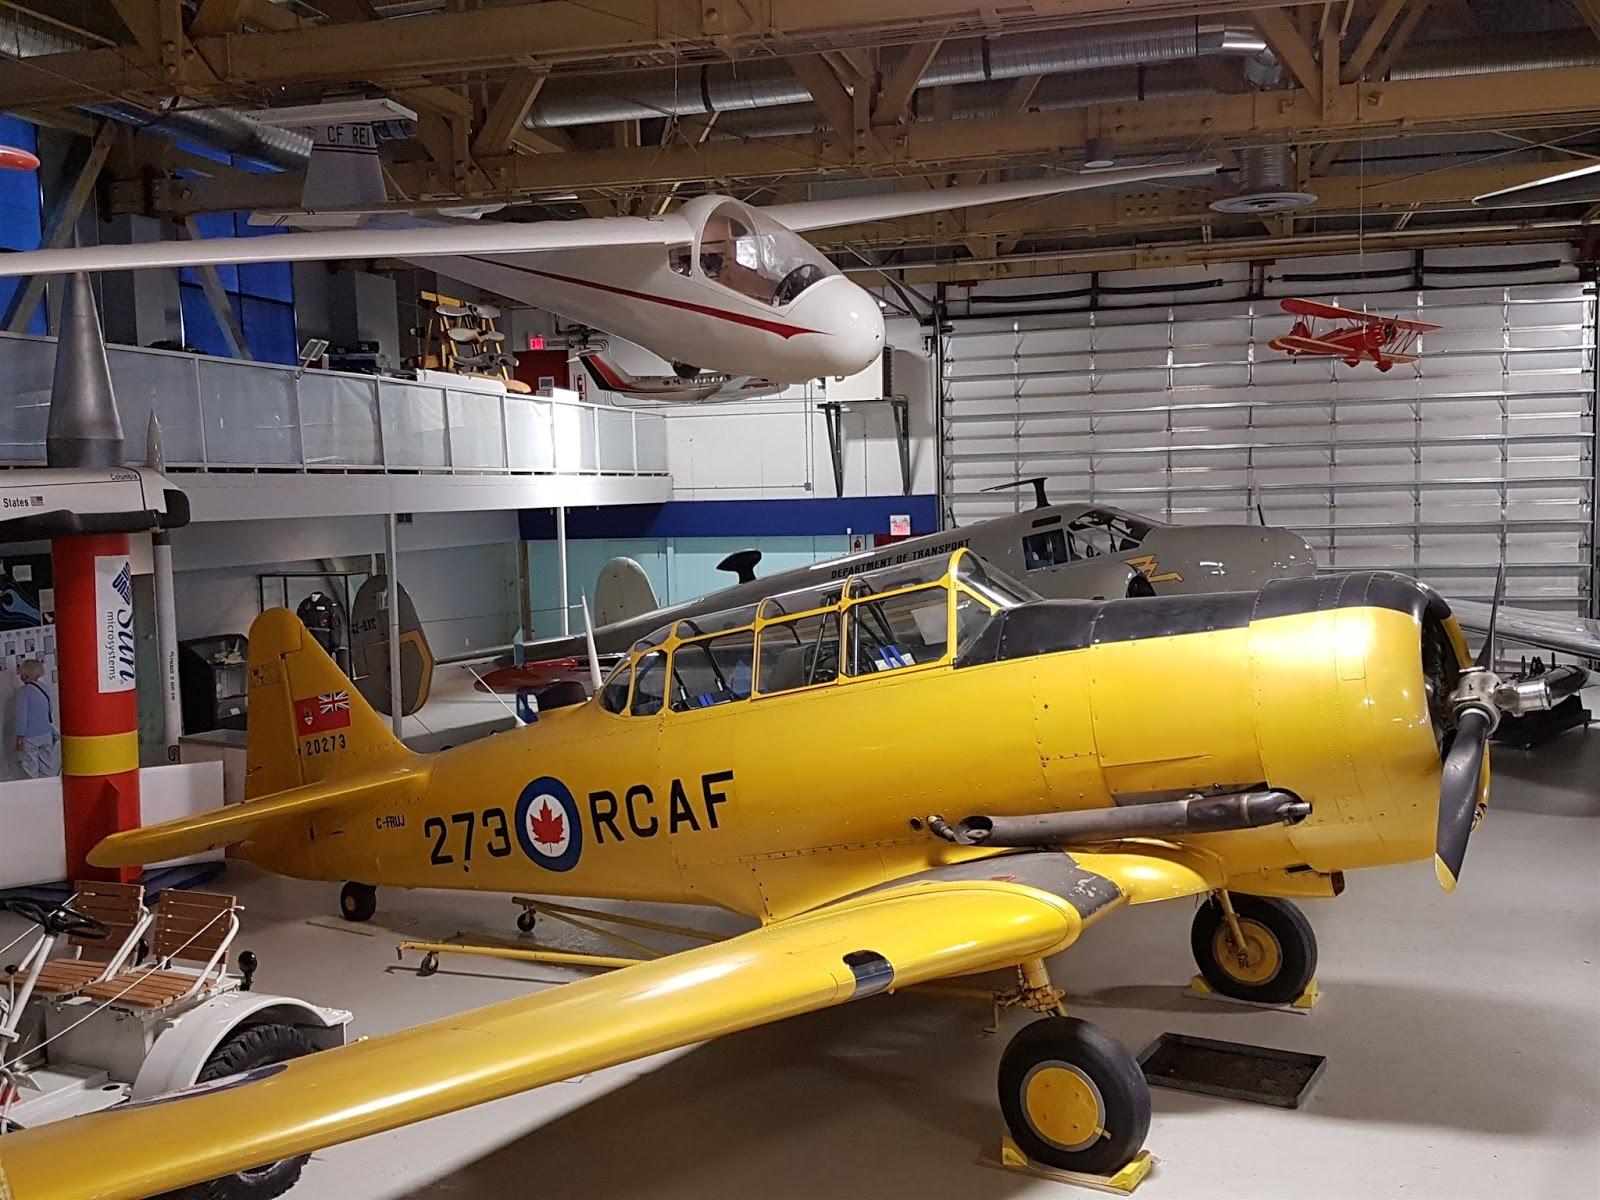 The Hangar Flight Museum, Calgary